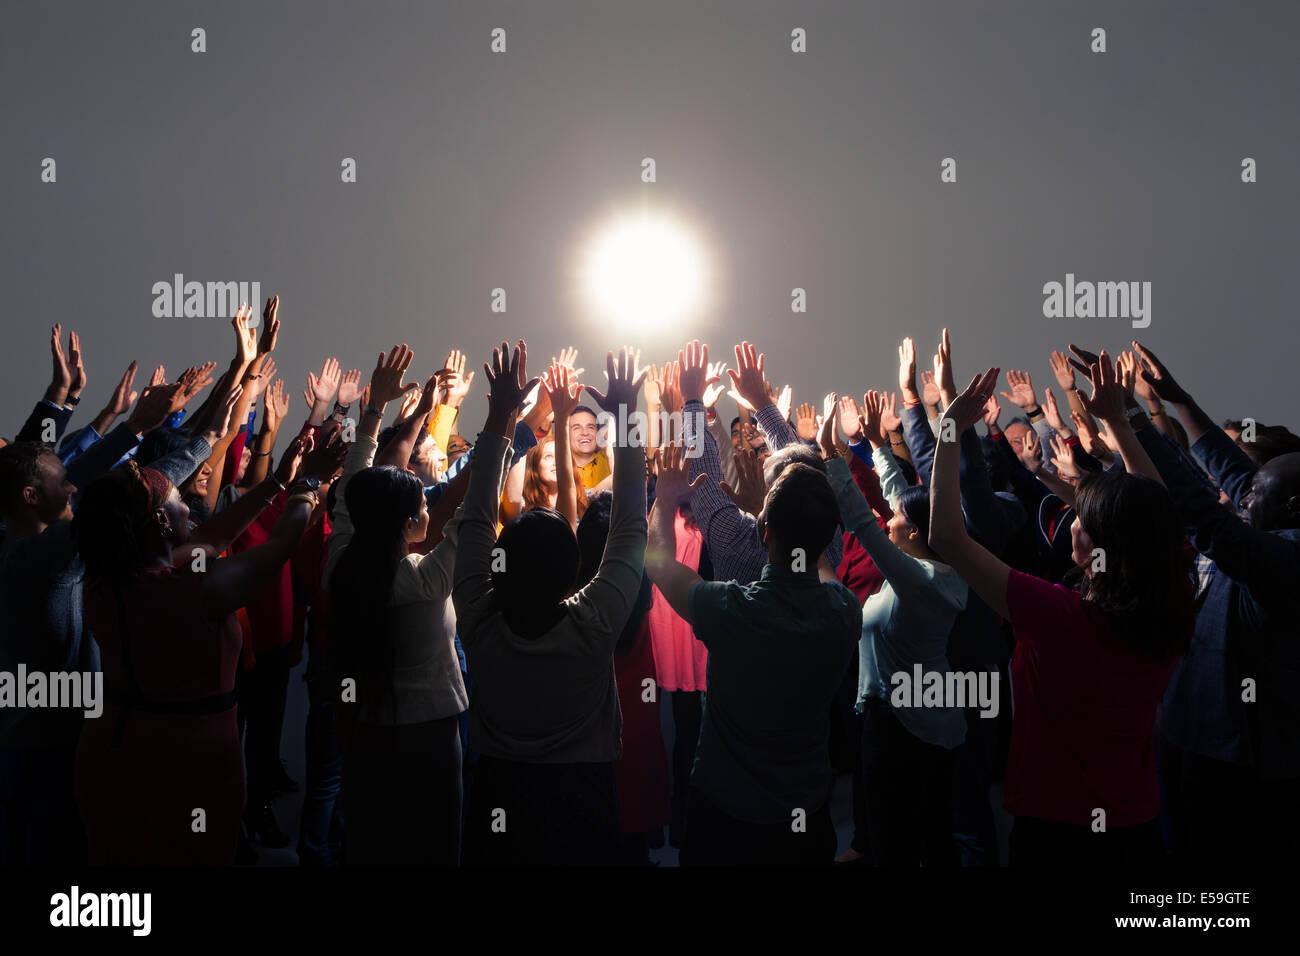 Foule diversifiée avec bras levés autour de lumière vive Banque D'Images